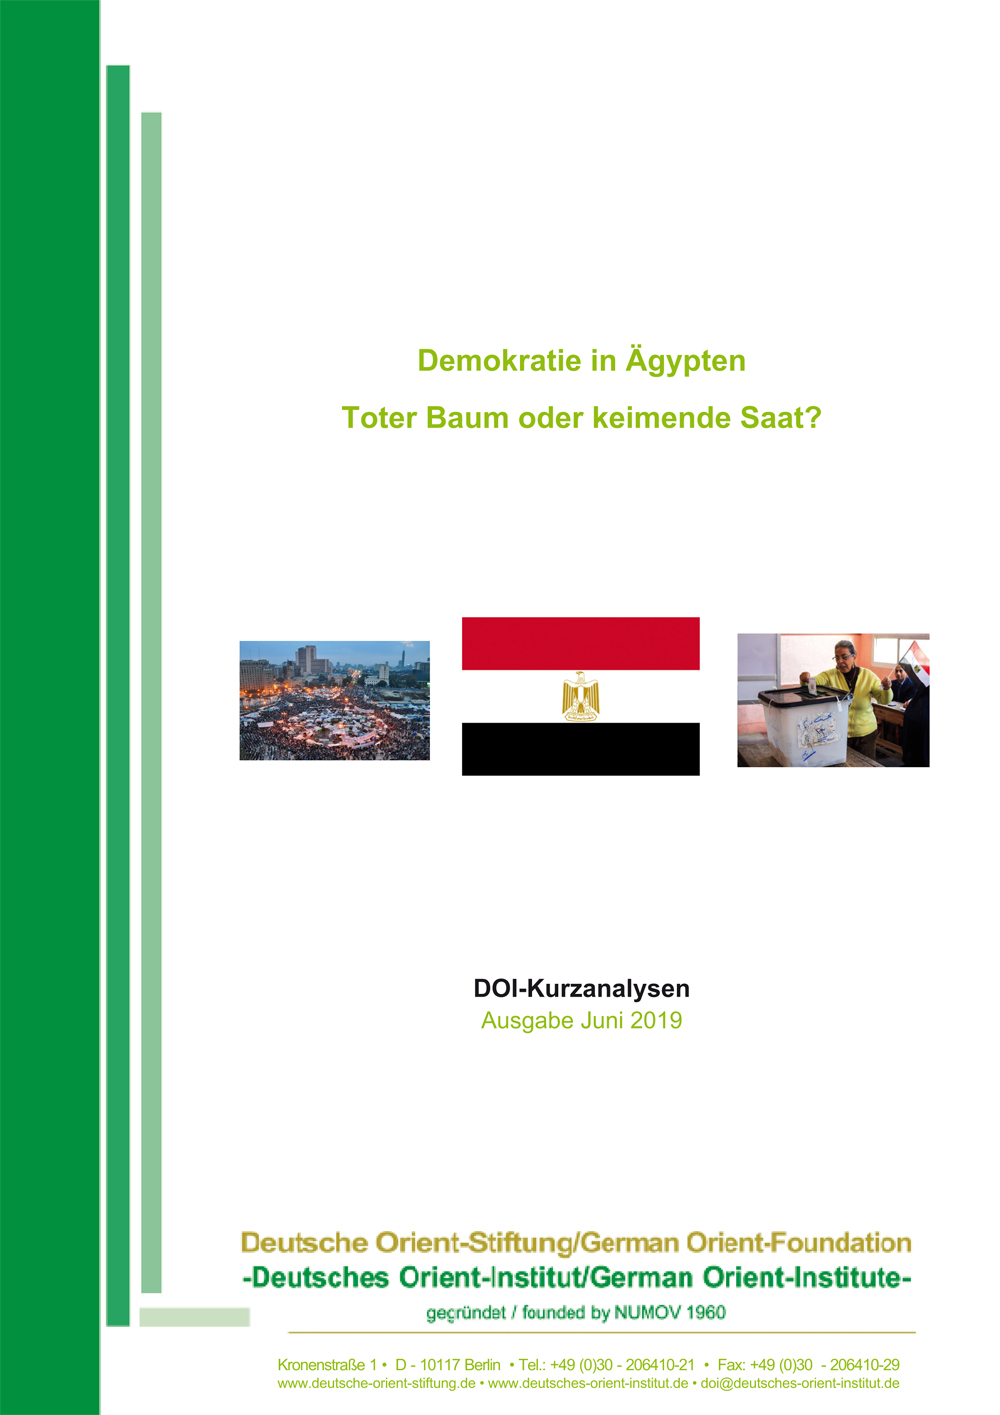 """Featured image for """"Demokratie in Ägypten: Toter Baum oder keimende Saat?"""""""